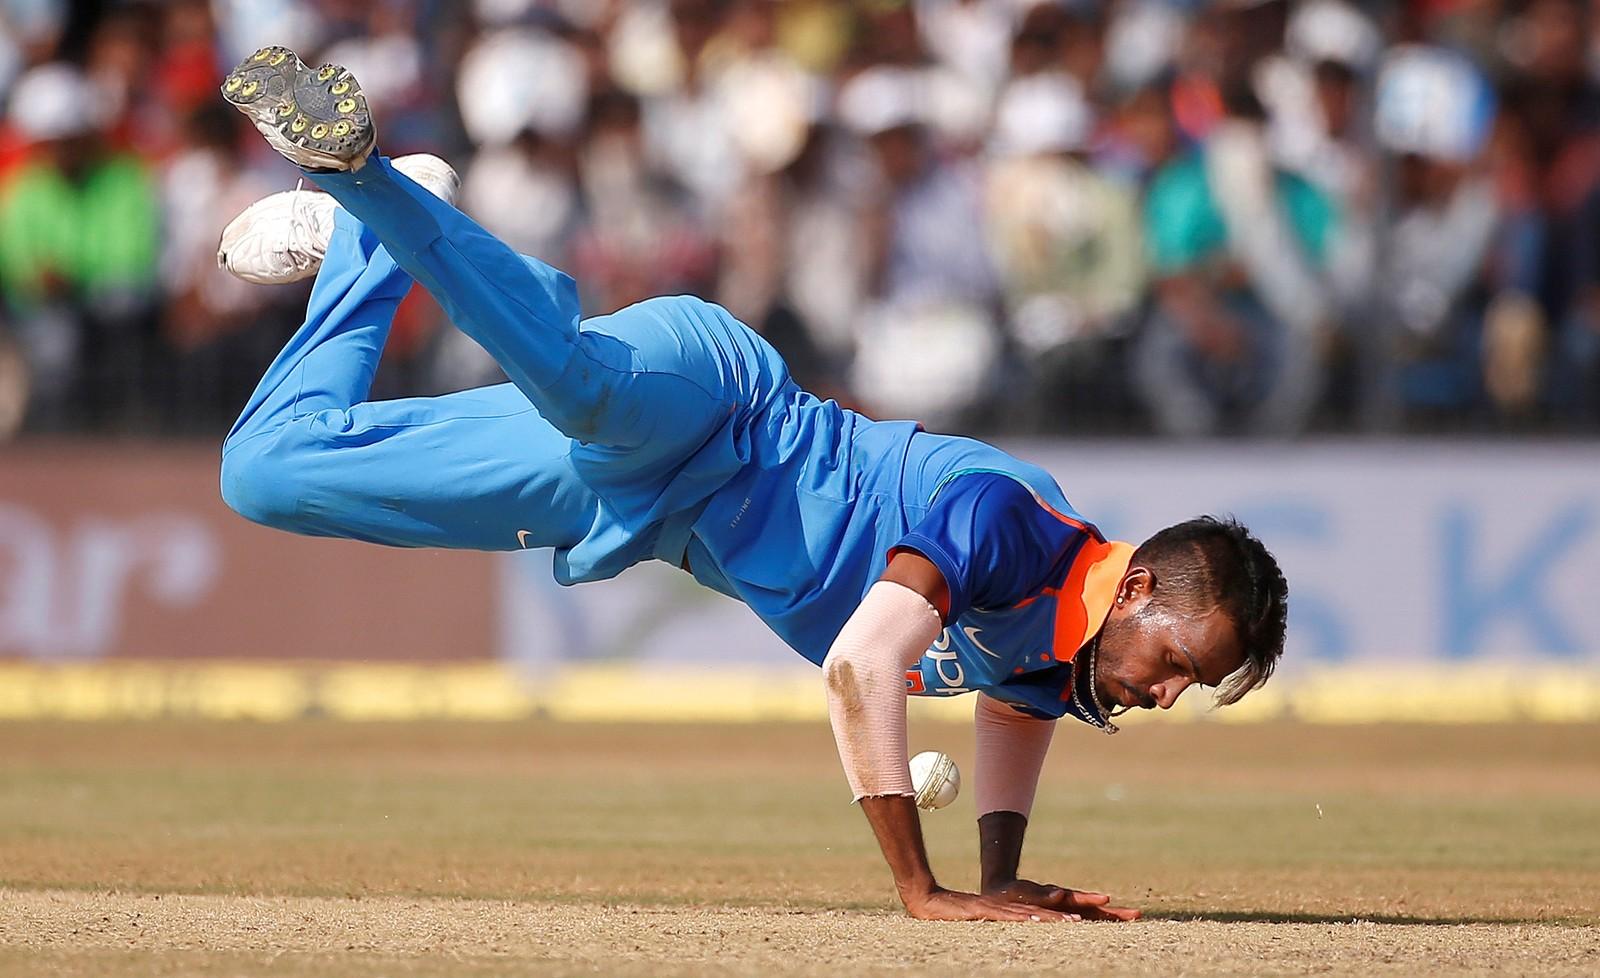 Det ser ut som om han danser break dance, men det er nok heller slik at indiske Hardik Pandya stuper etter ballen i en cricketkamp mot Australia i Indore i India.